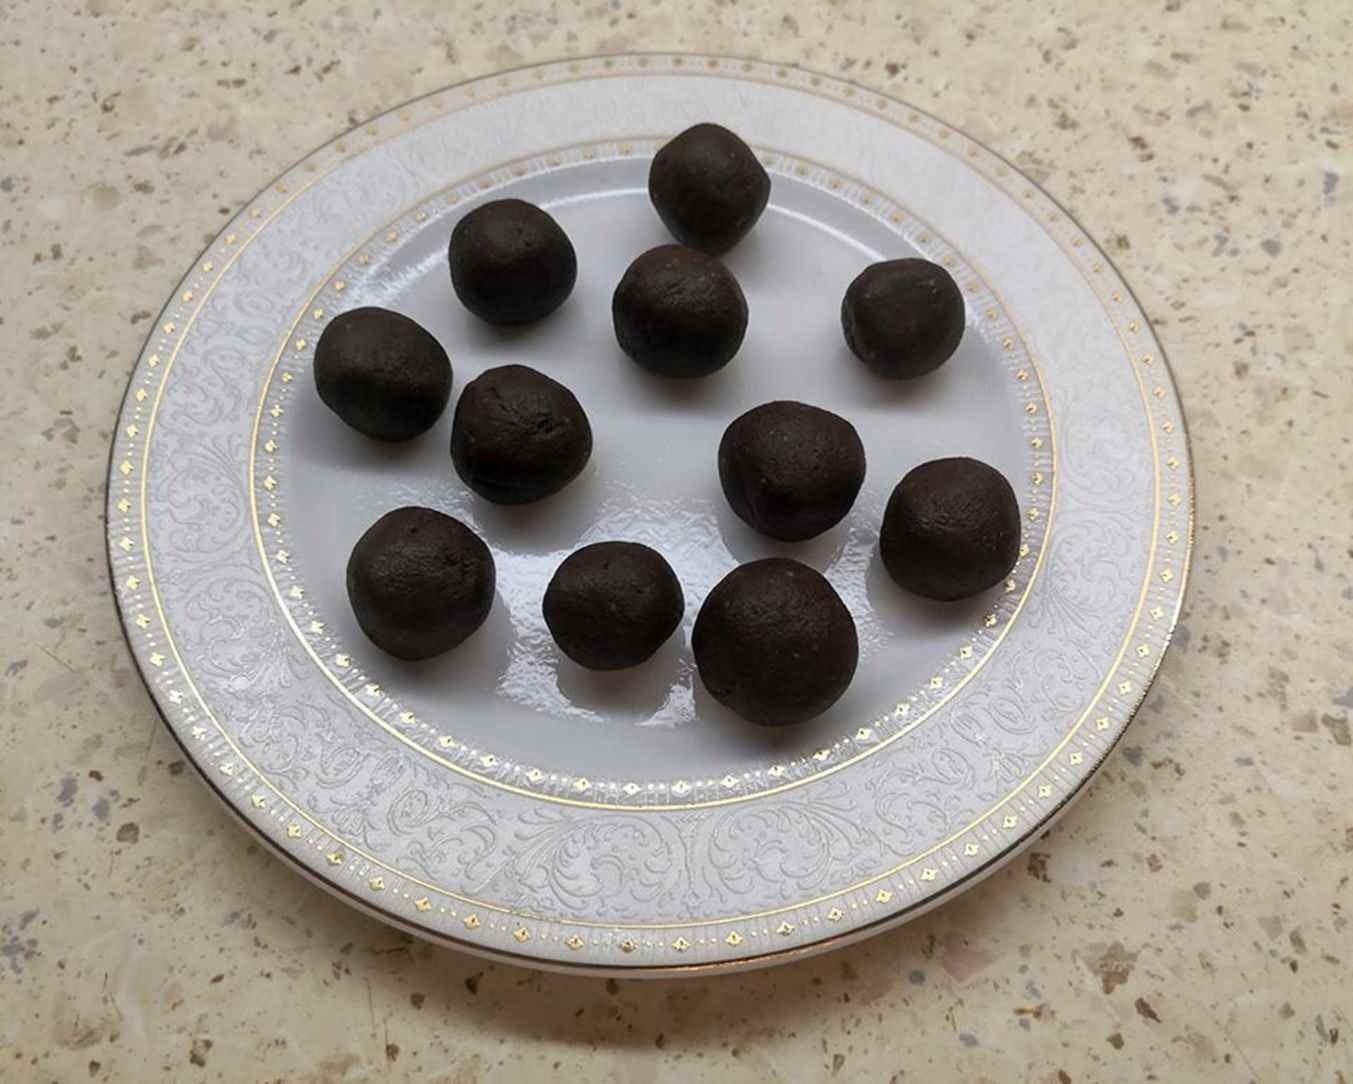 Avinžirnių ir kokoso pieno saldainiai - be pridėtinio cukraus